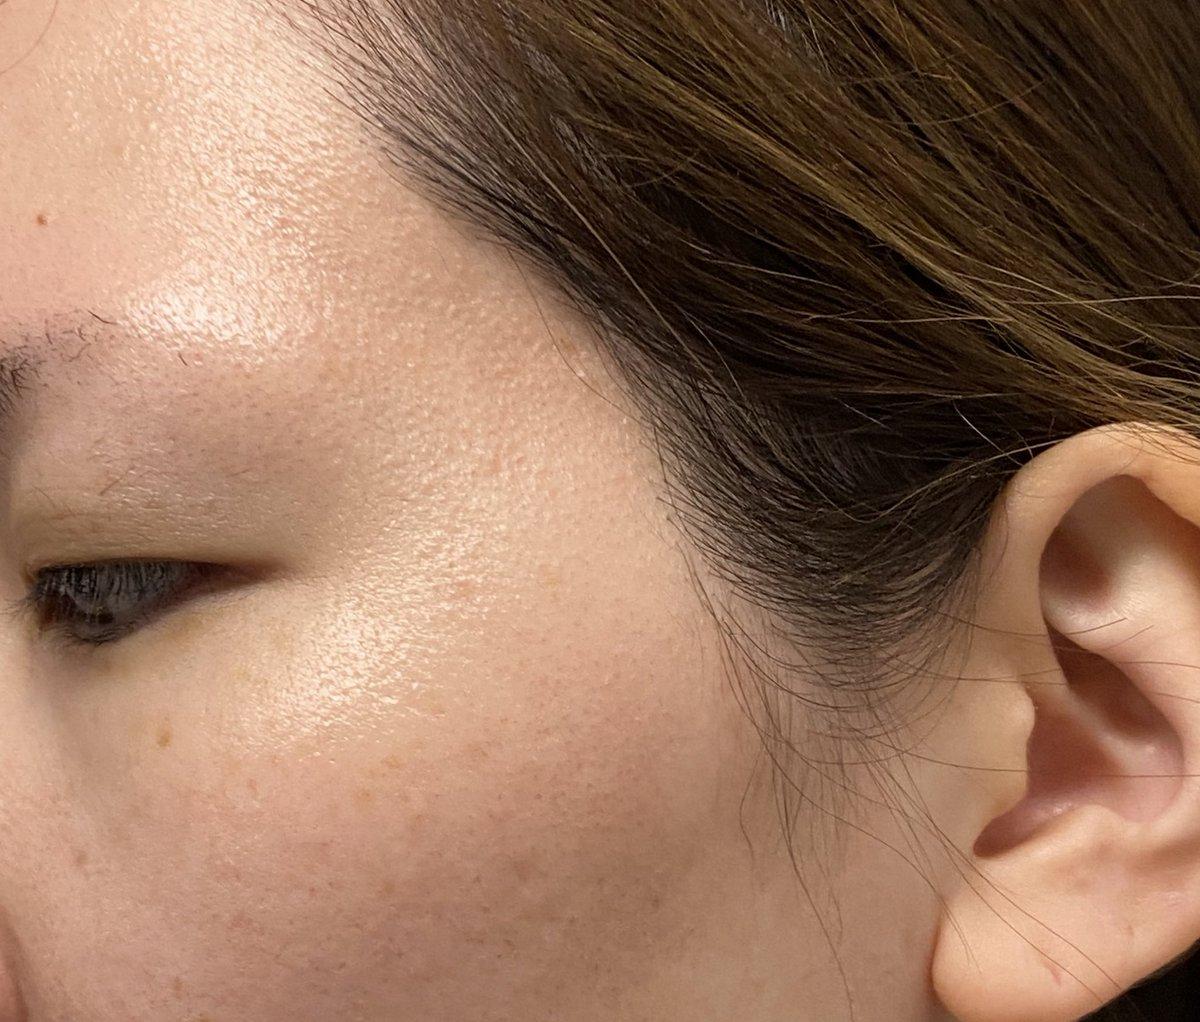 化粧顔も大事だけど、肌の質はもっと大事‼︎ 今からケアしないとシミになるよー😨  これしないと肌突っ張る😱 メナードエステは月2で5000円もかからずエステが受けれるよ‼︎ #MENARD  #メナード #薬用ビューネ  #COLAX #肌ケア